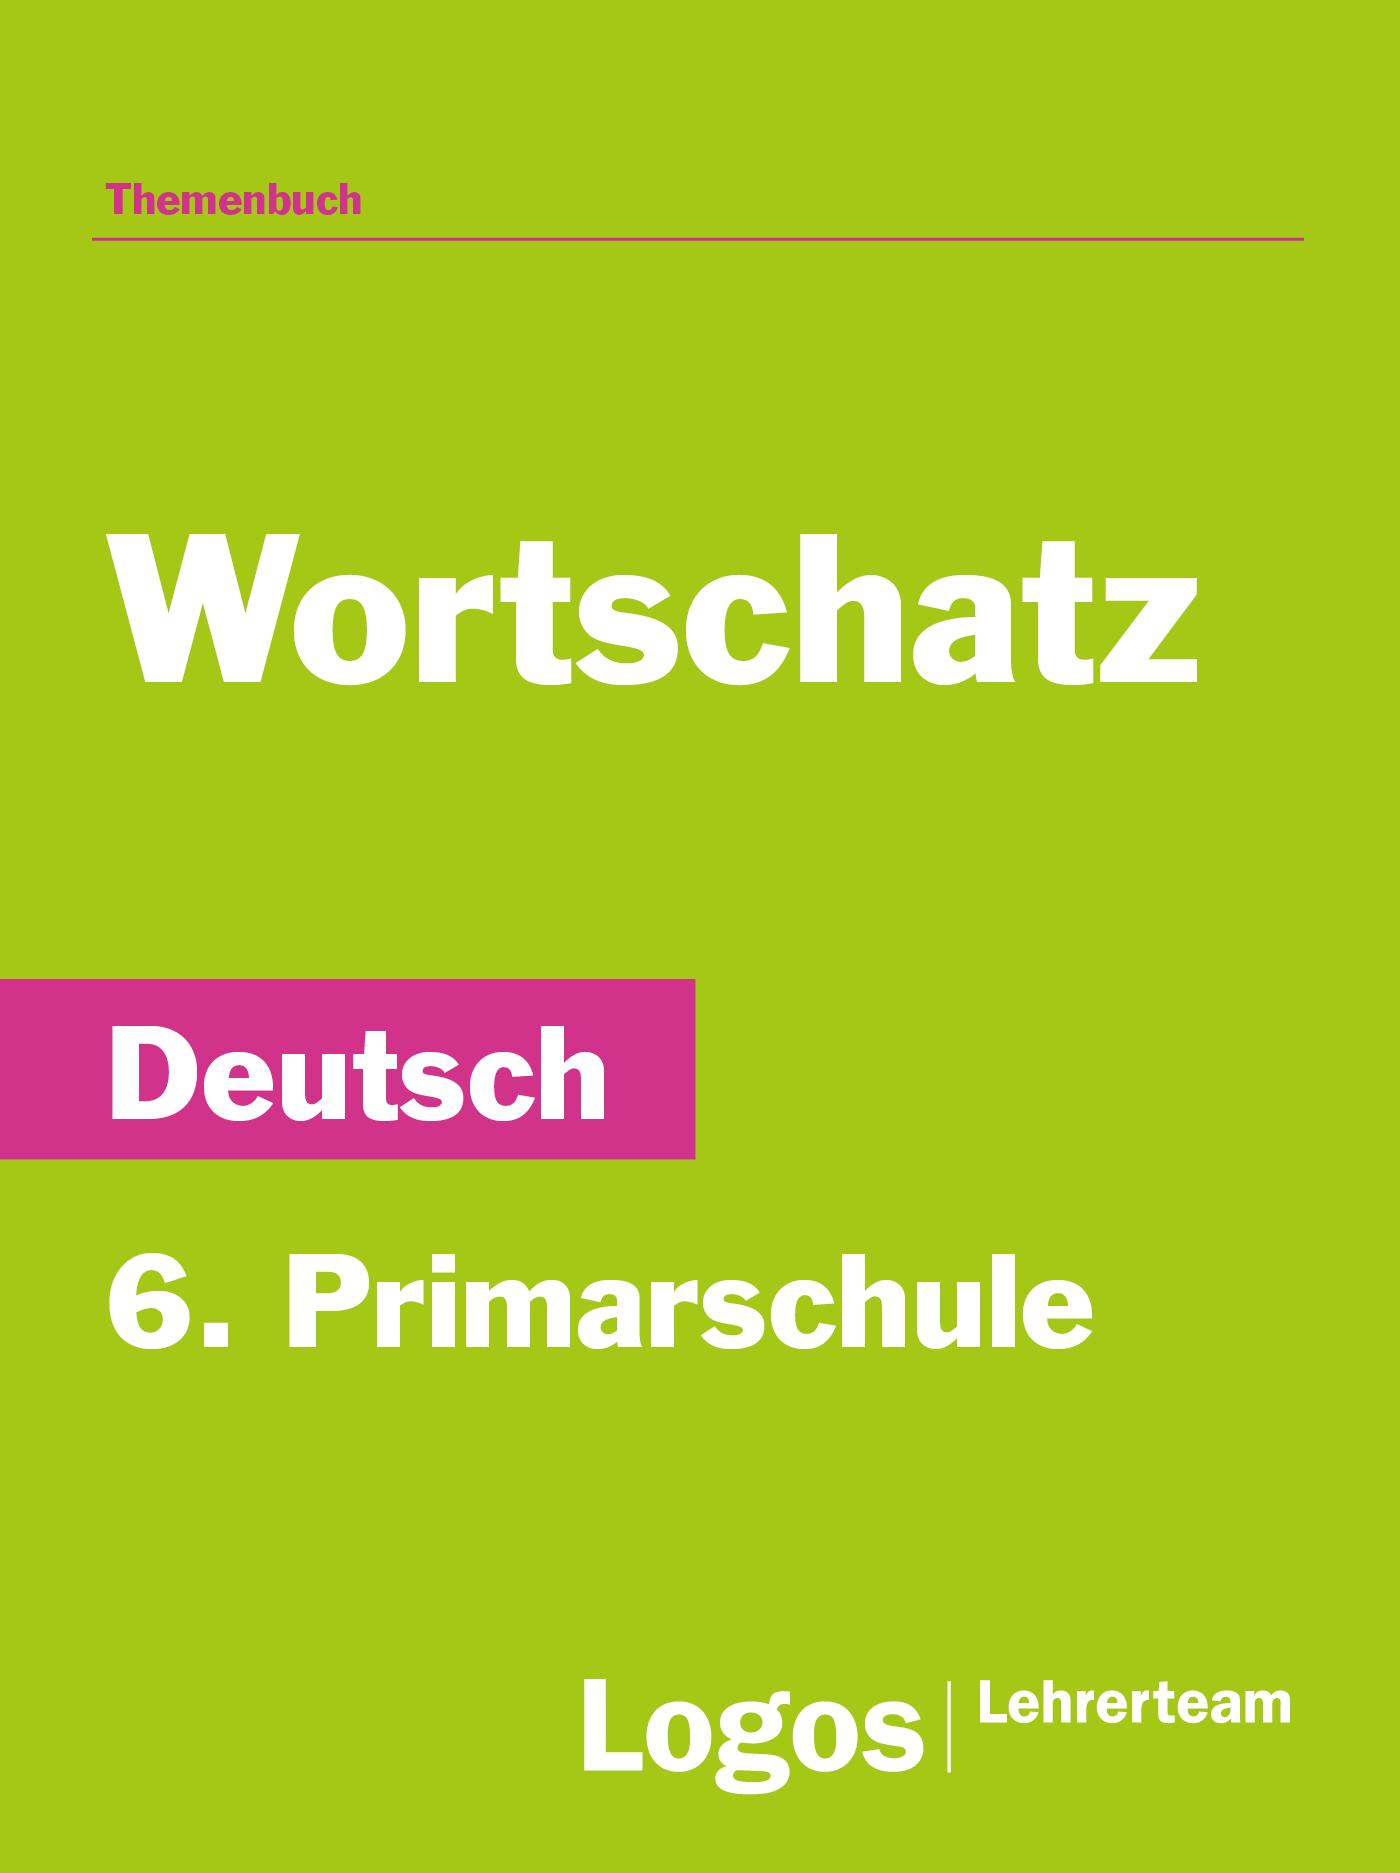 Deutsch Wortschatz - 6. Primarschule